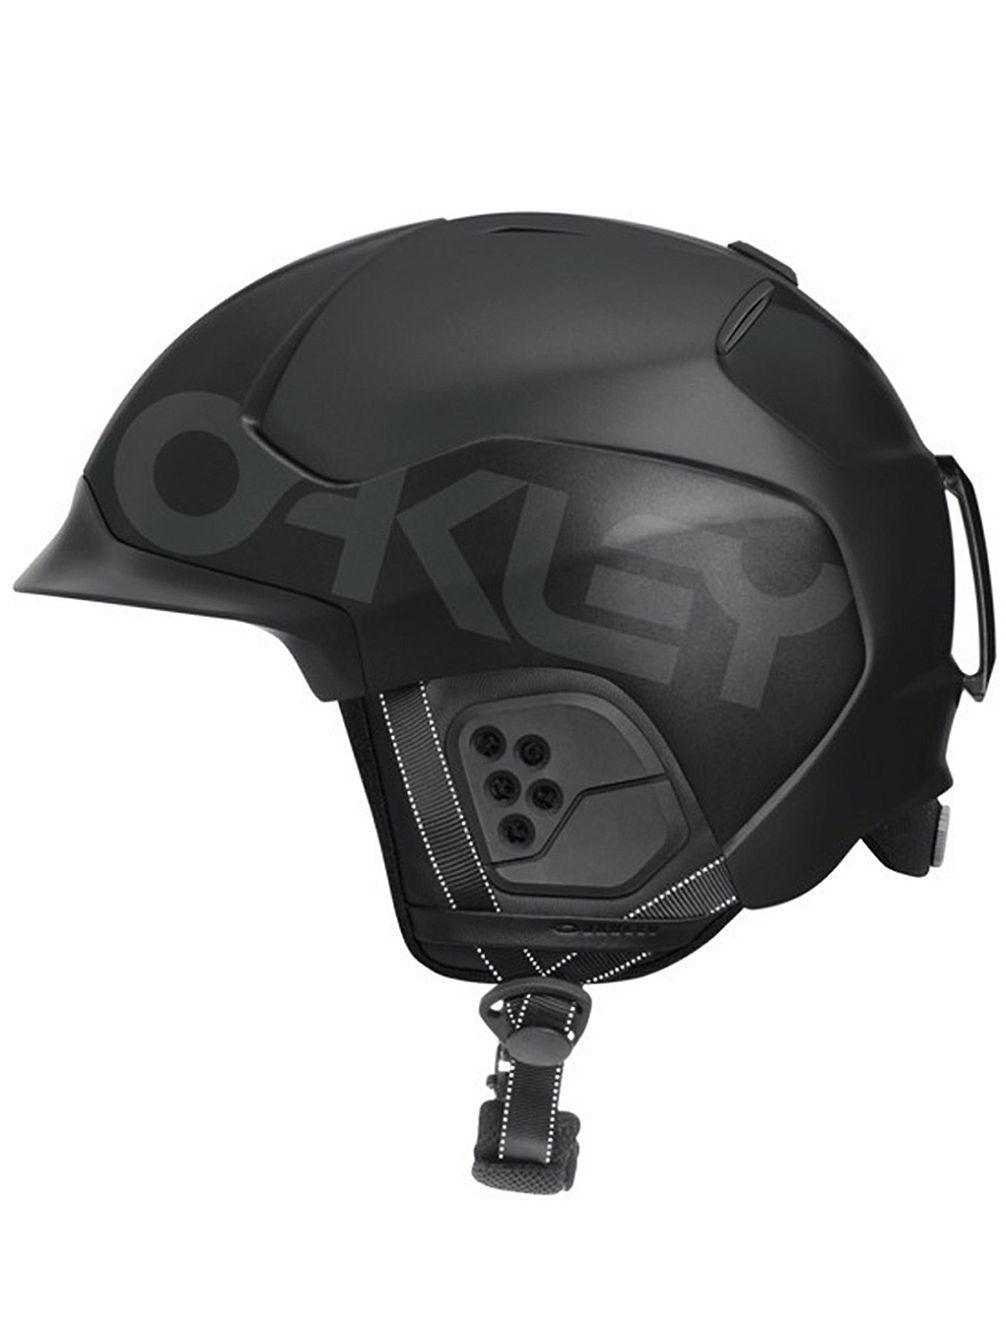 Mod5 Factory Pilot Helmet